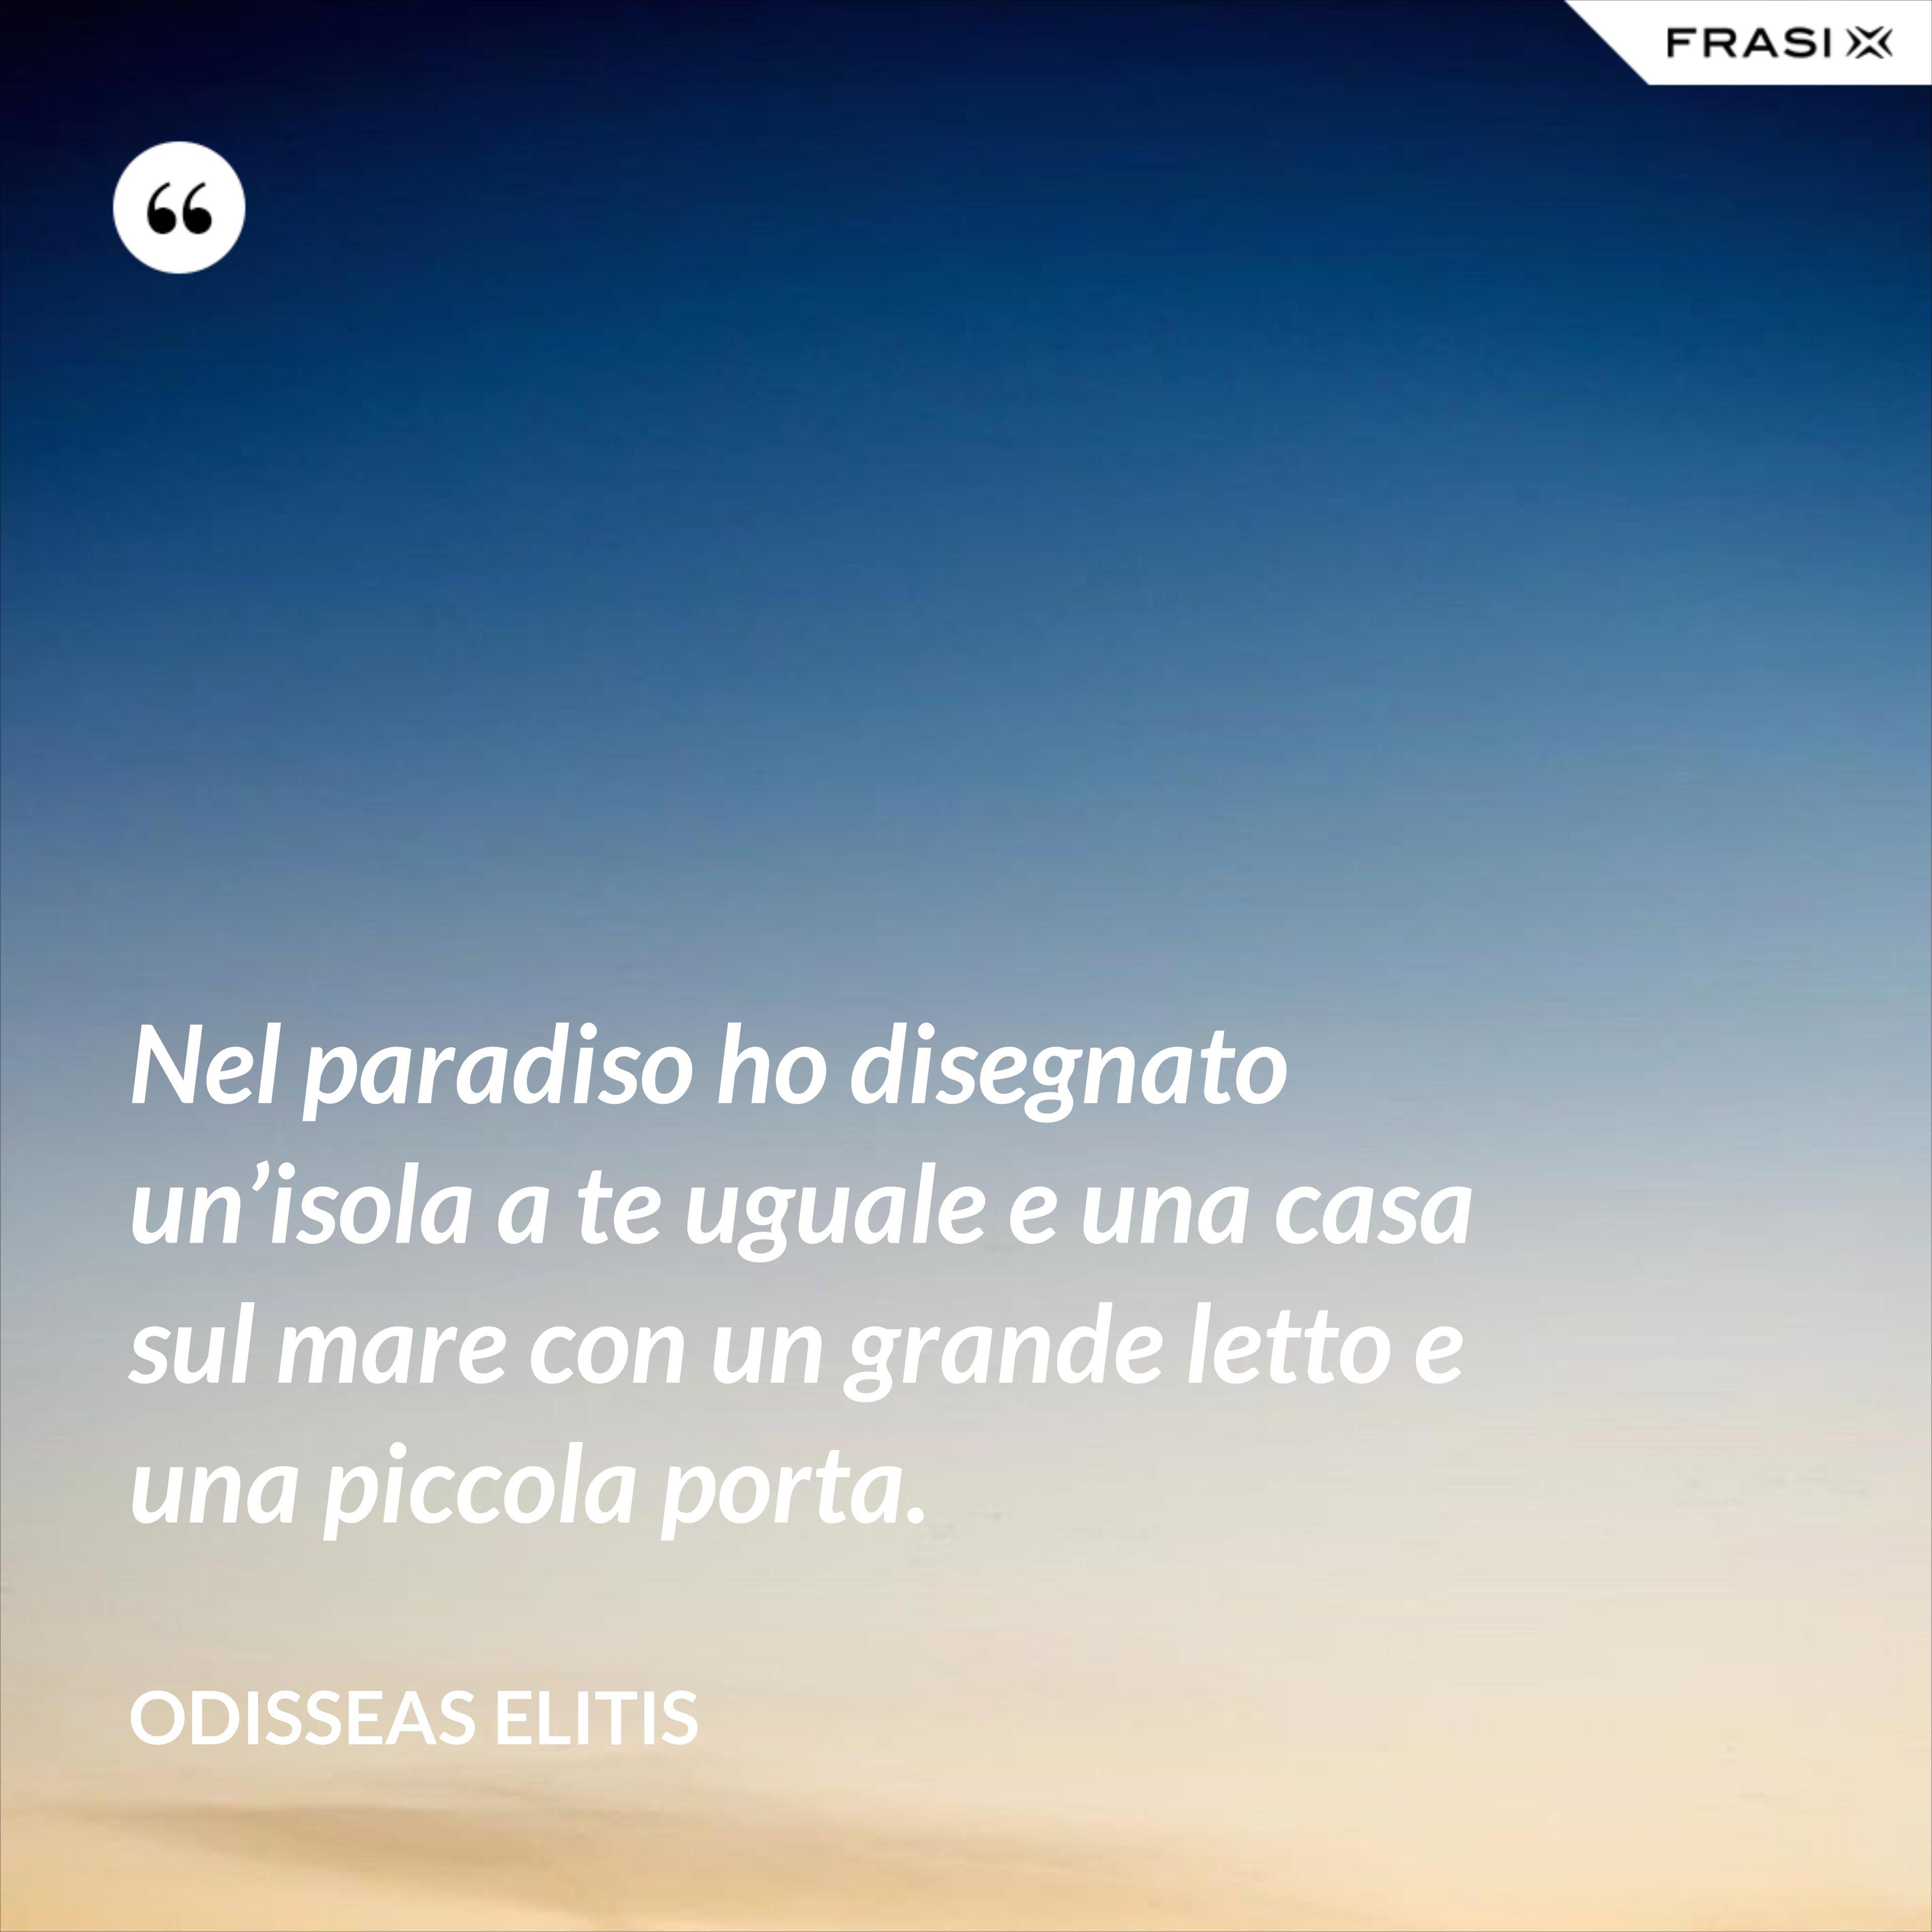 Nel paradiso ho disegnato un'isola a te uguale e una casa sul mare con un grande letto e una piccola porta. - Odisseas Elitis